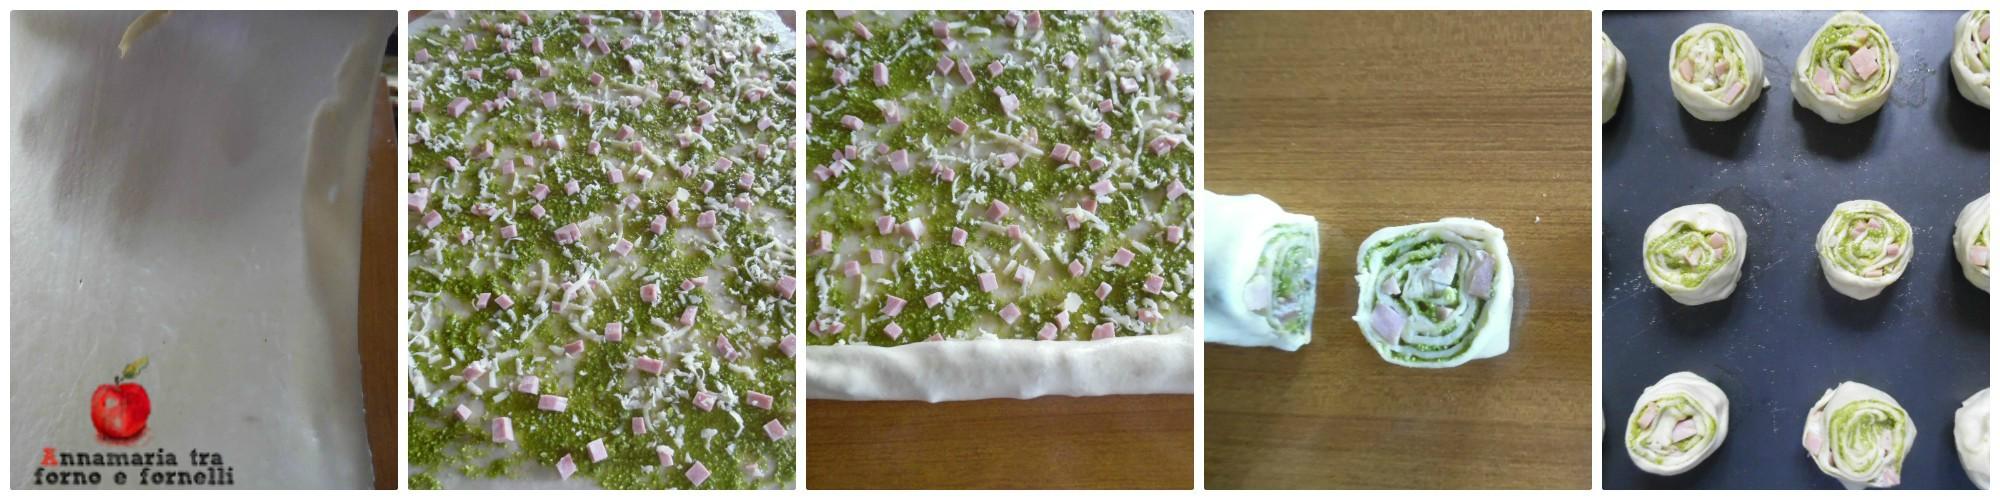 collage miscate con pesto di pistacchio